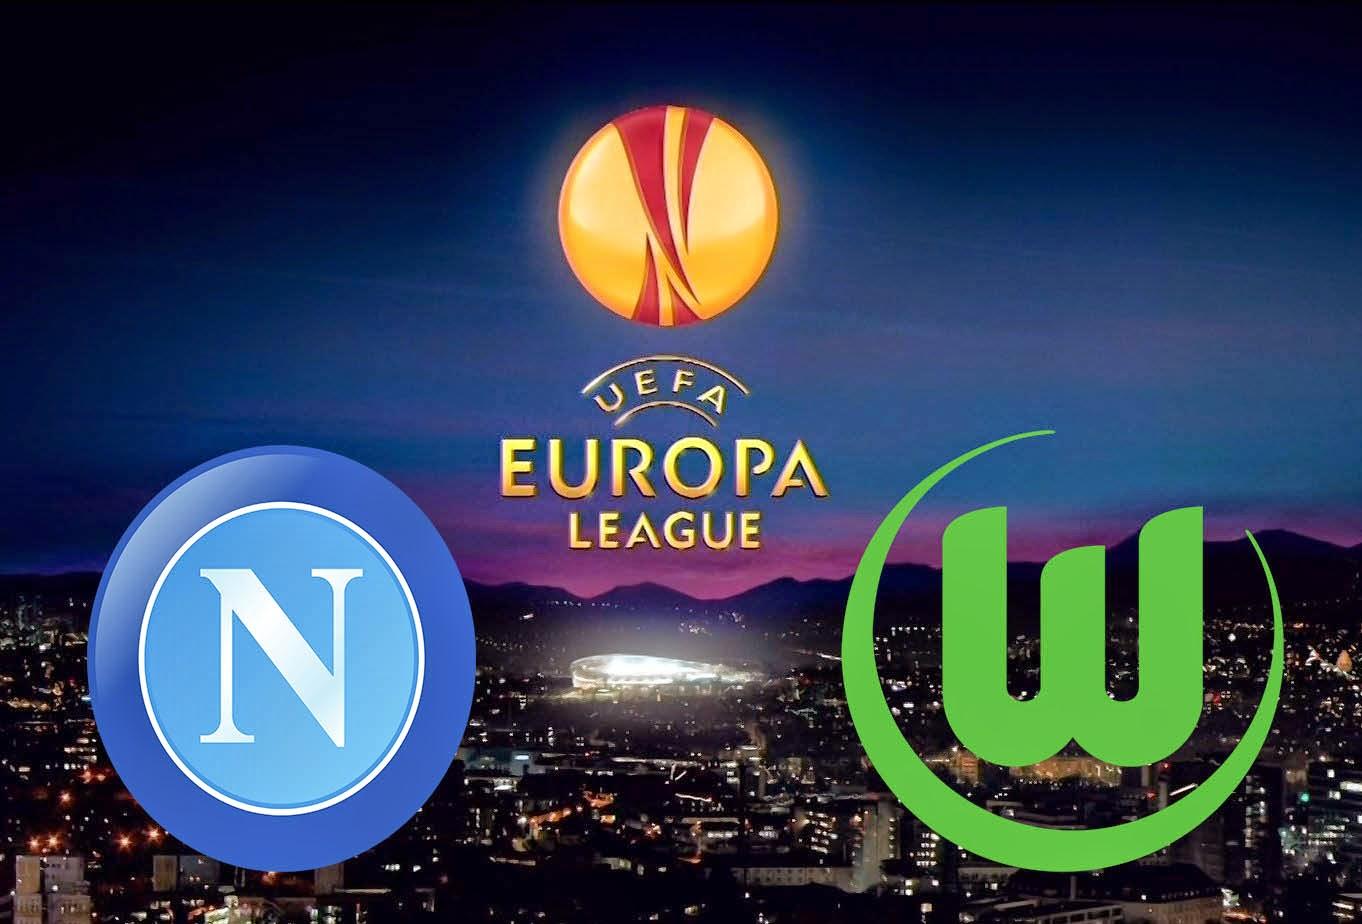 uefa europa league stream